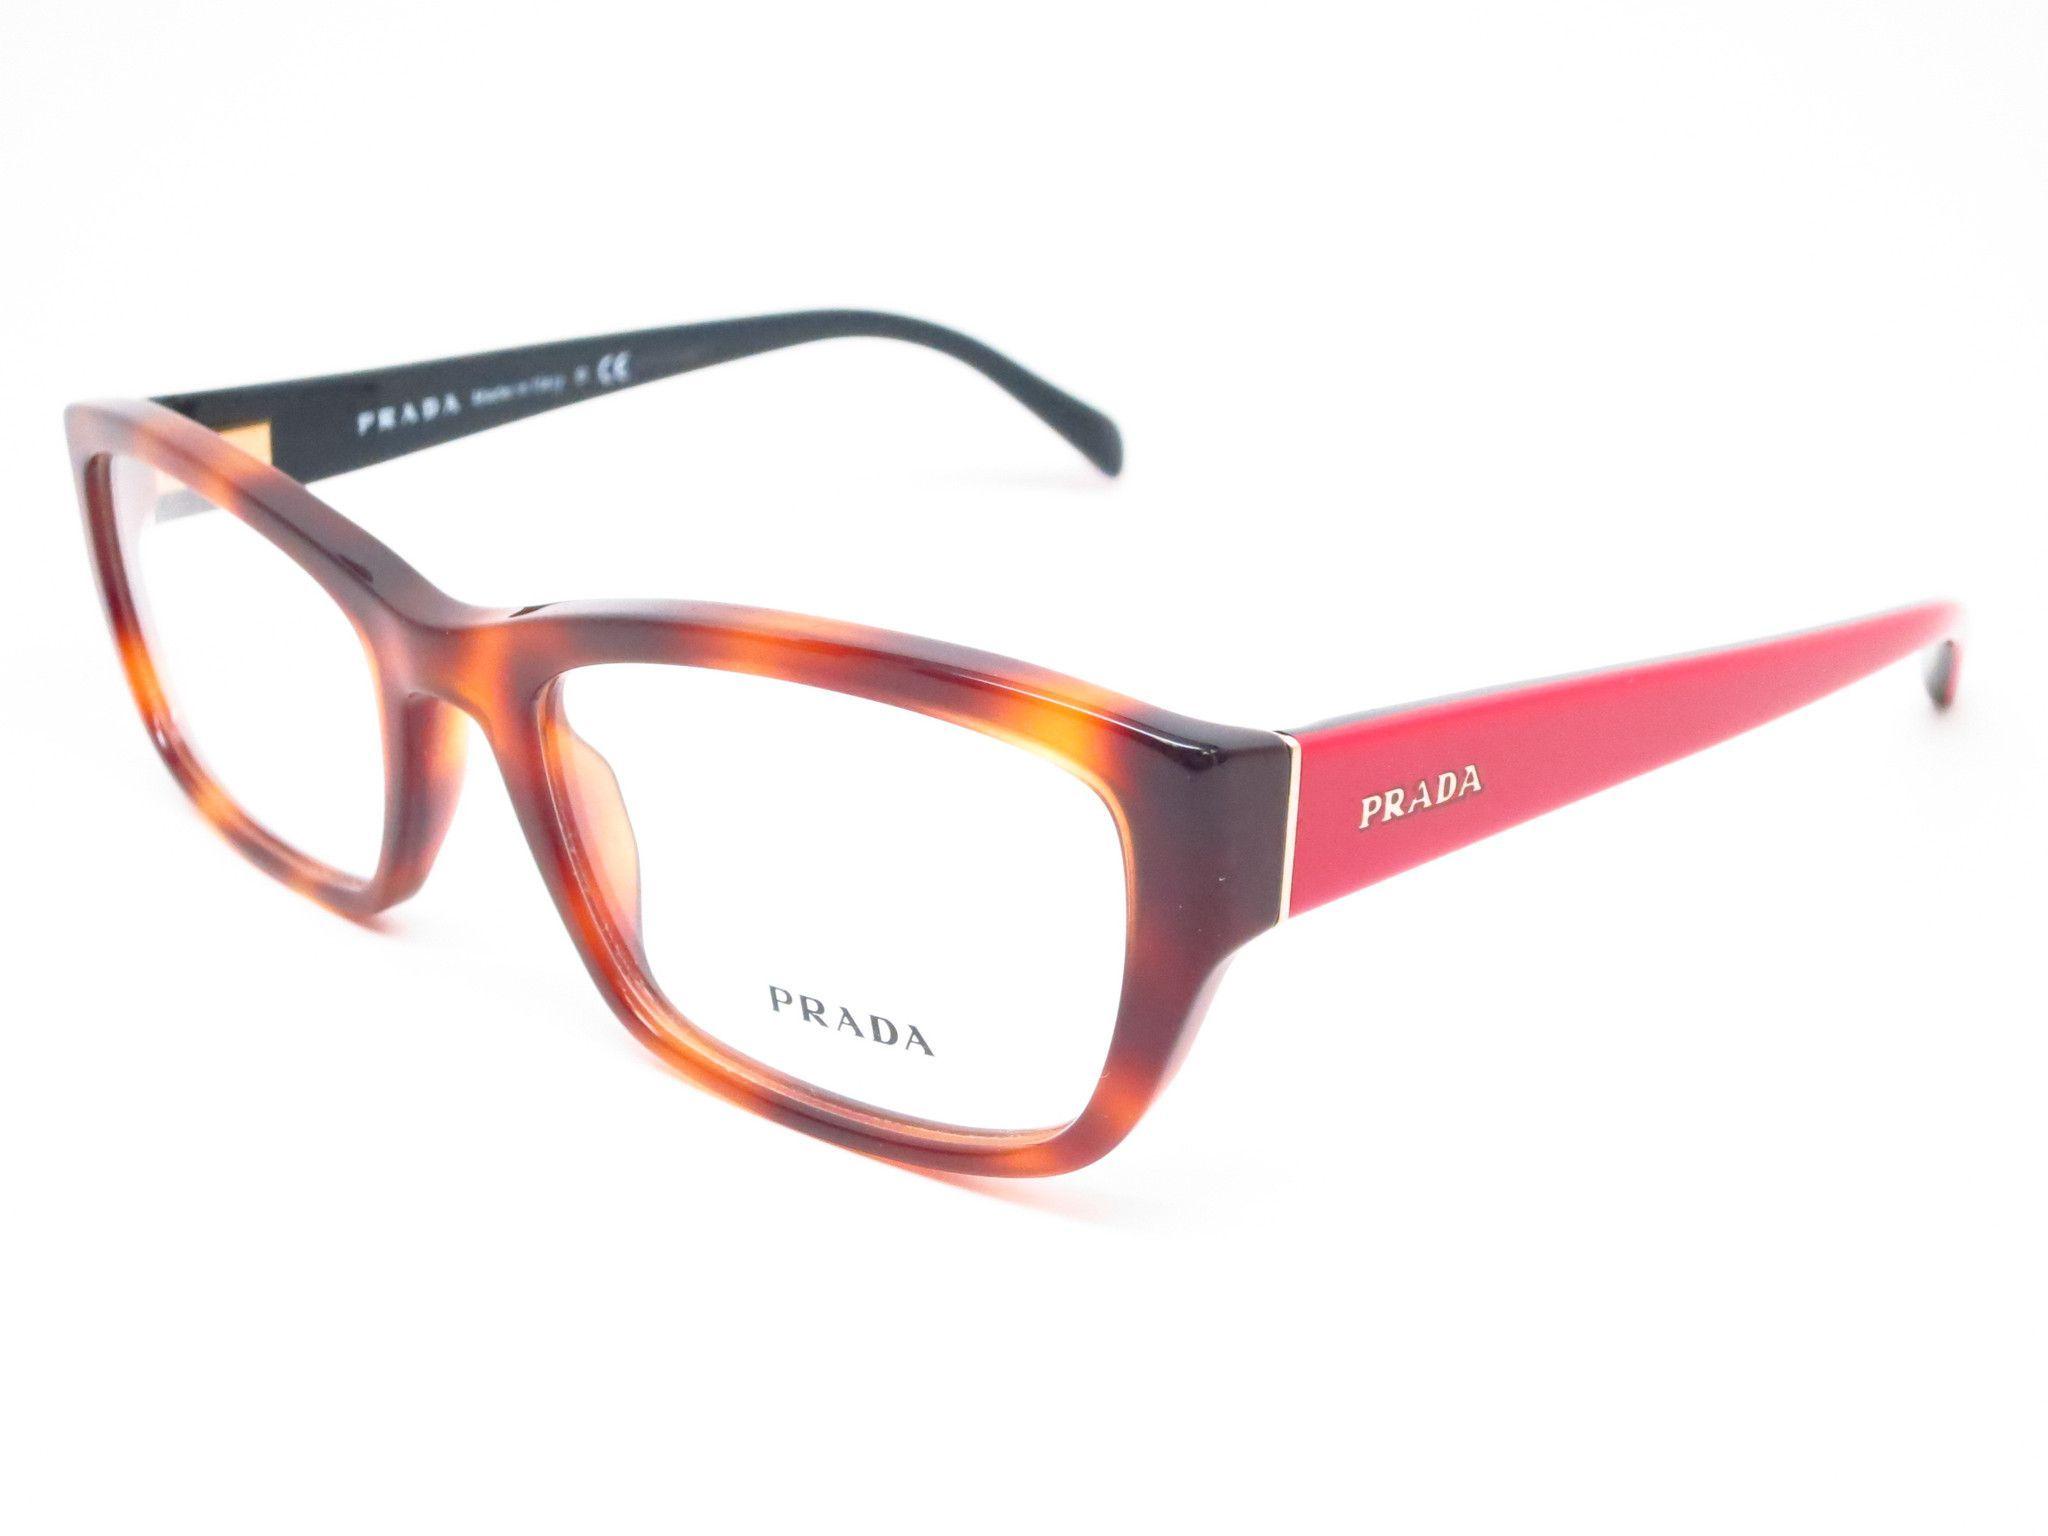 2c296d744e6c Prada VPR 18O Product Details Brand Name : Prada Model Number : VPR 18O -  Color